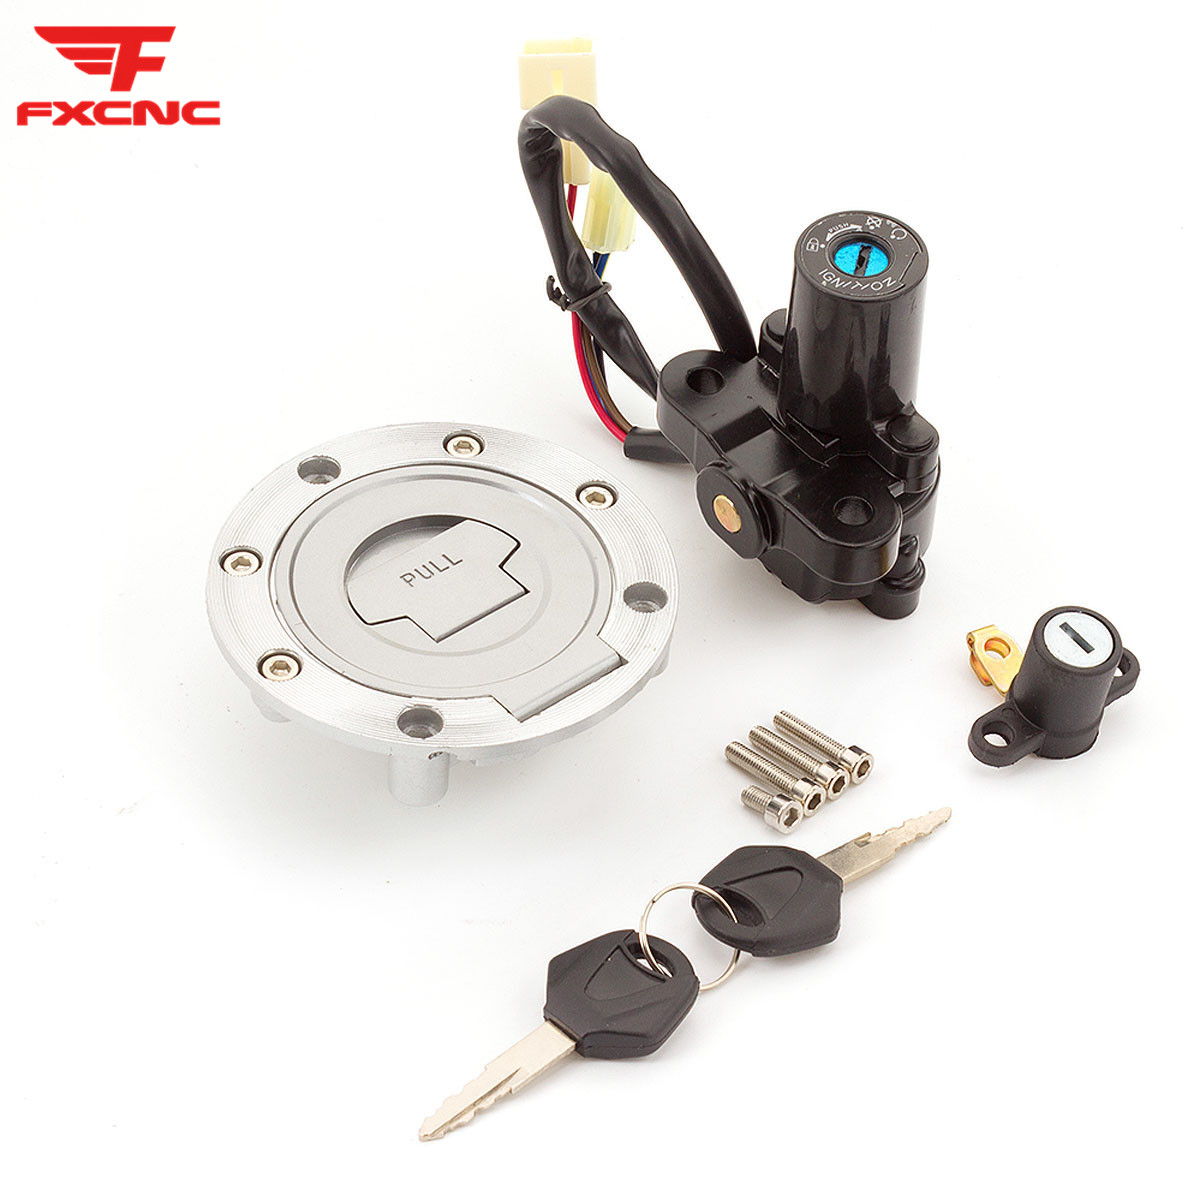 Pour Yamaha MT03/09 FZ6/09/6R XJ6 YZF R6/R1 FJR1300 12V interrupteur à clé d'allumage de moto siège serrure réservoir de carburant bouchon de gaz couvercle ensemble